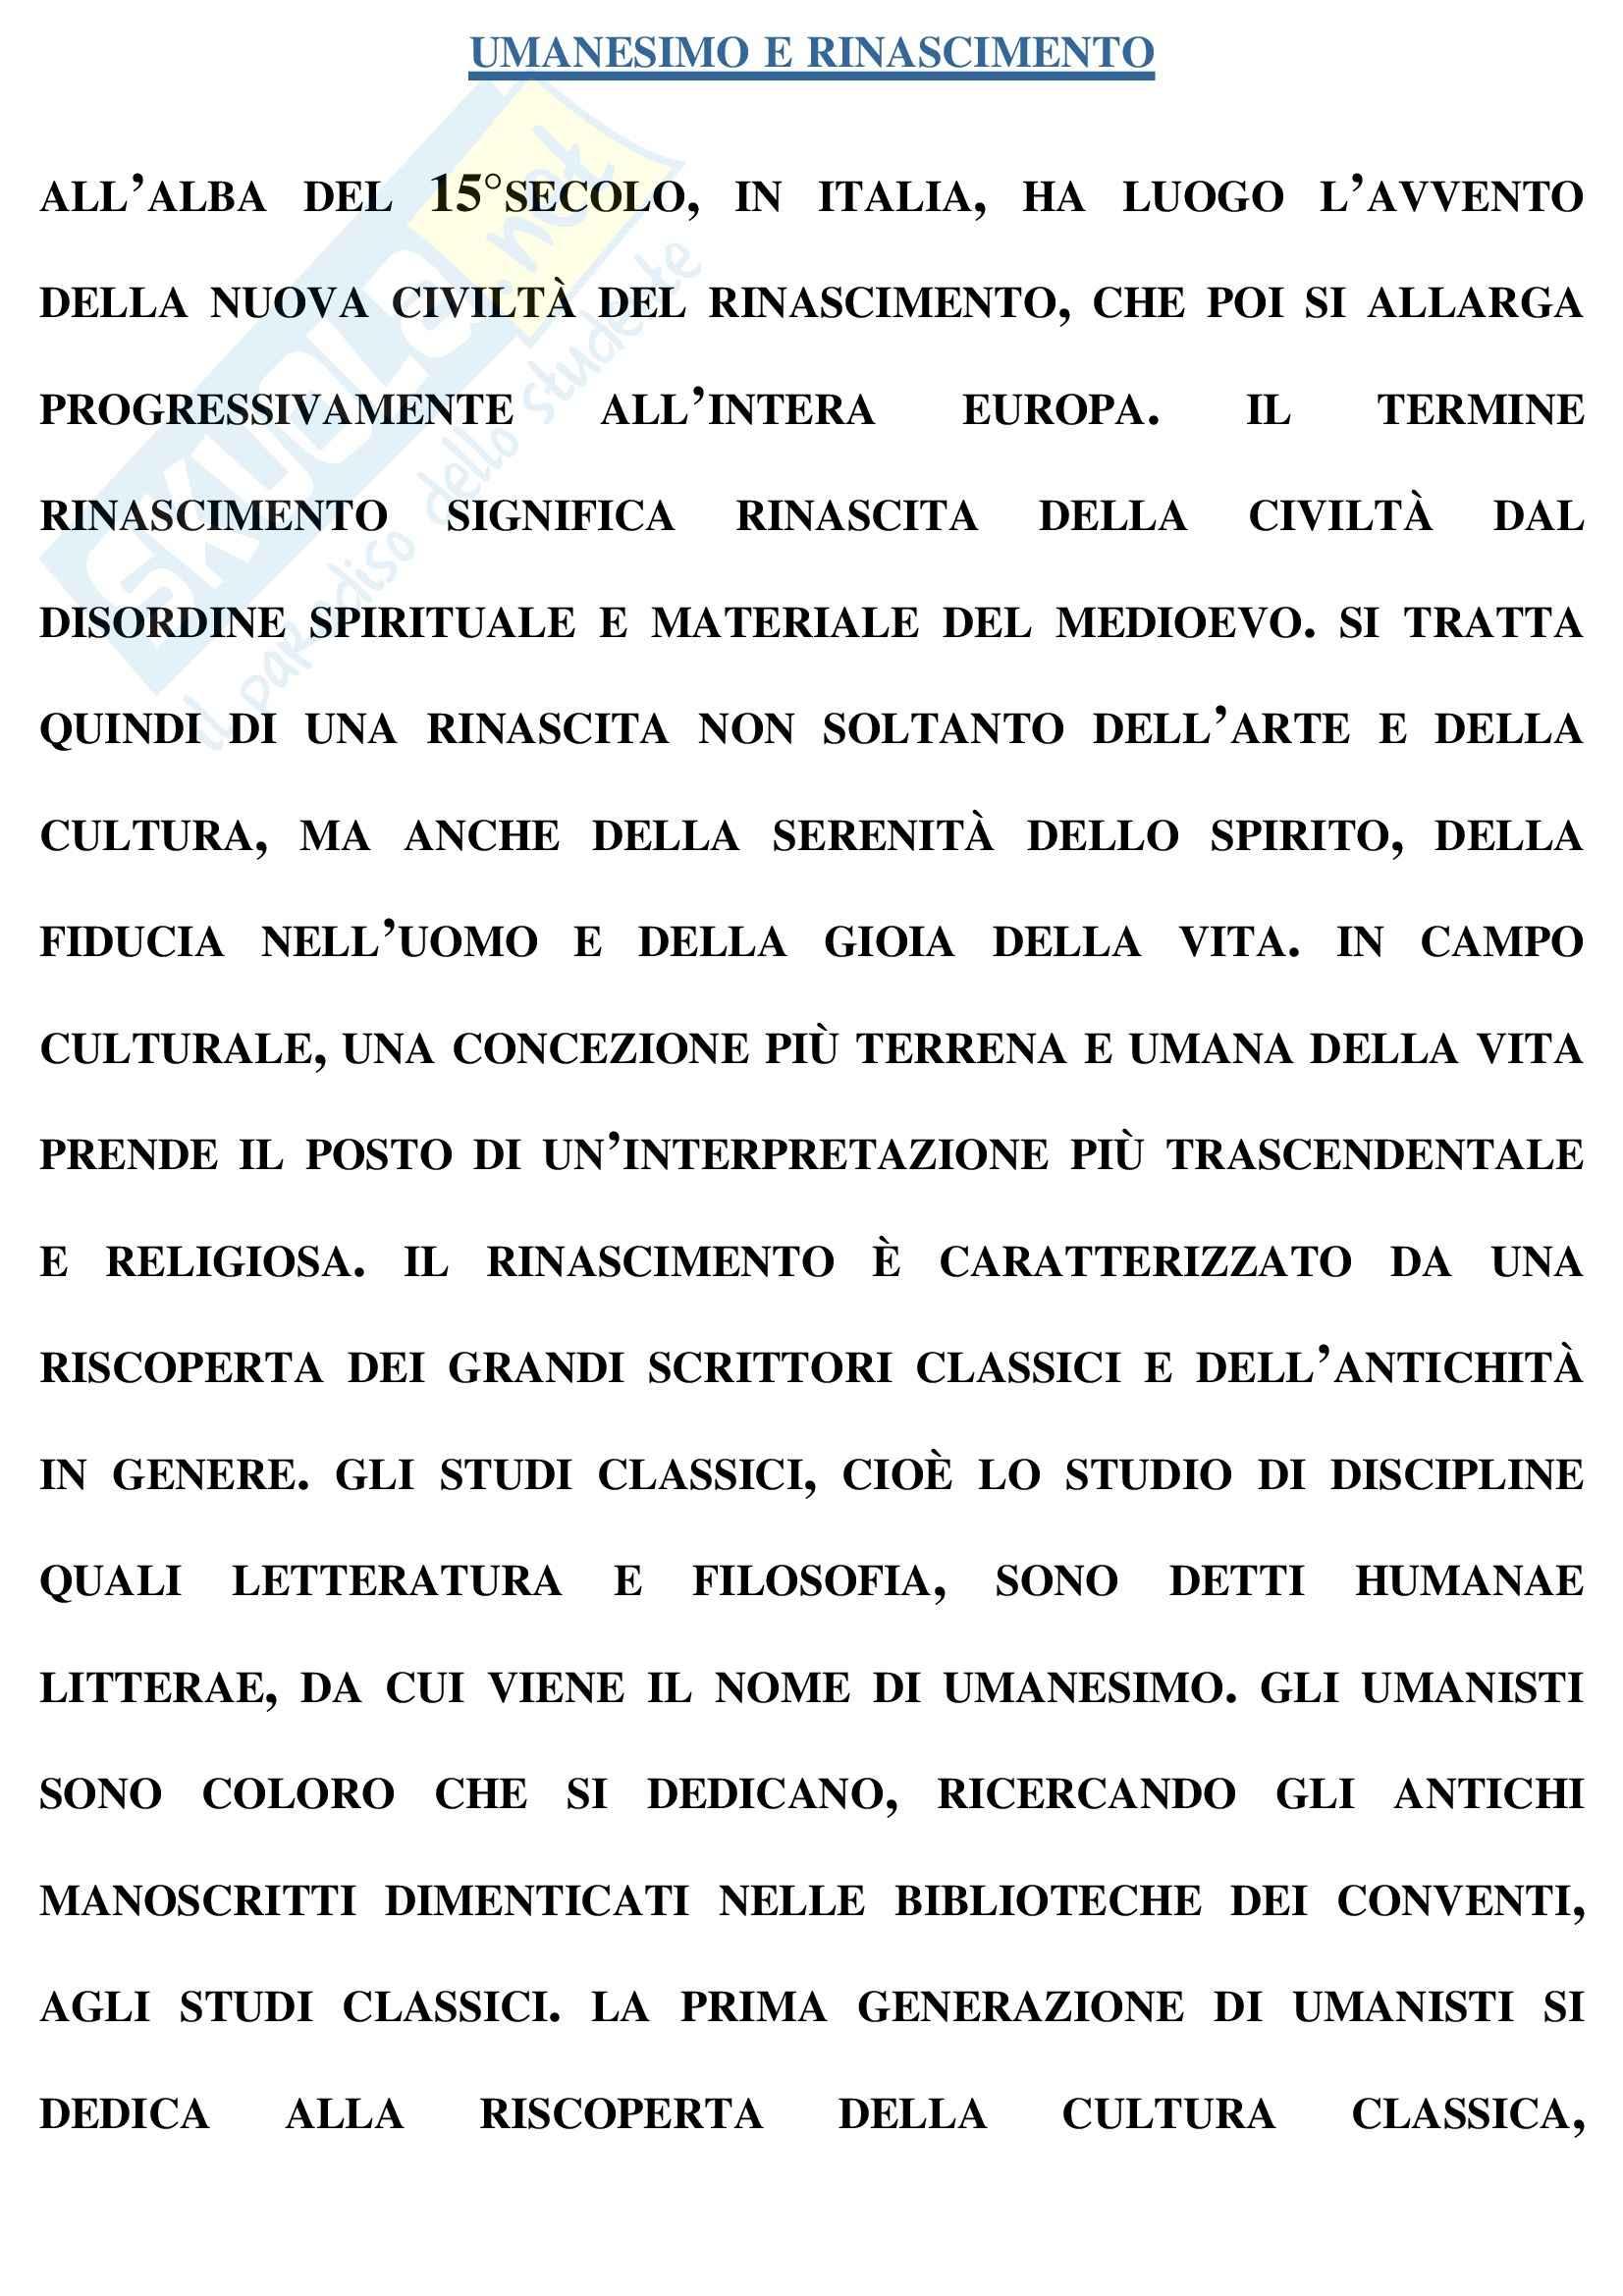 Riassunto esame Storia moderna, prof. Formigoni